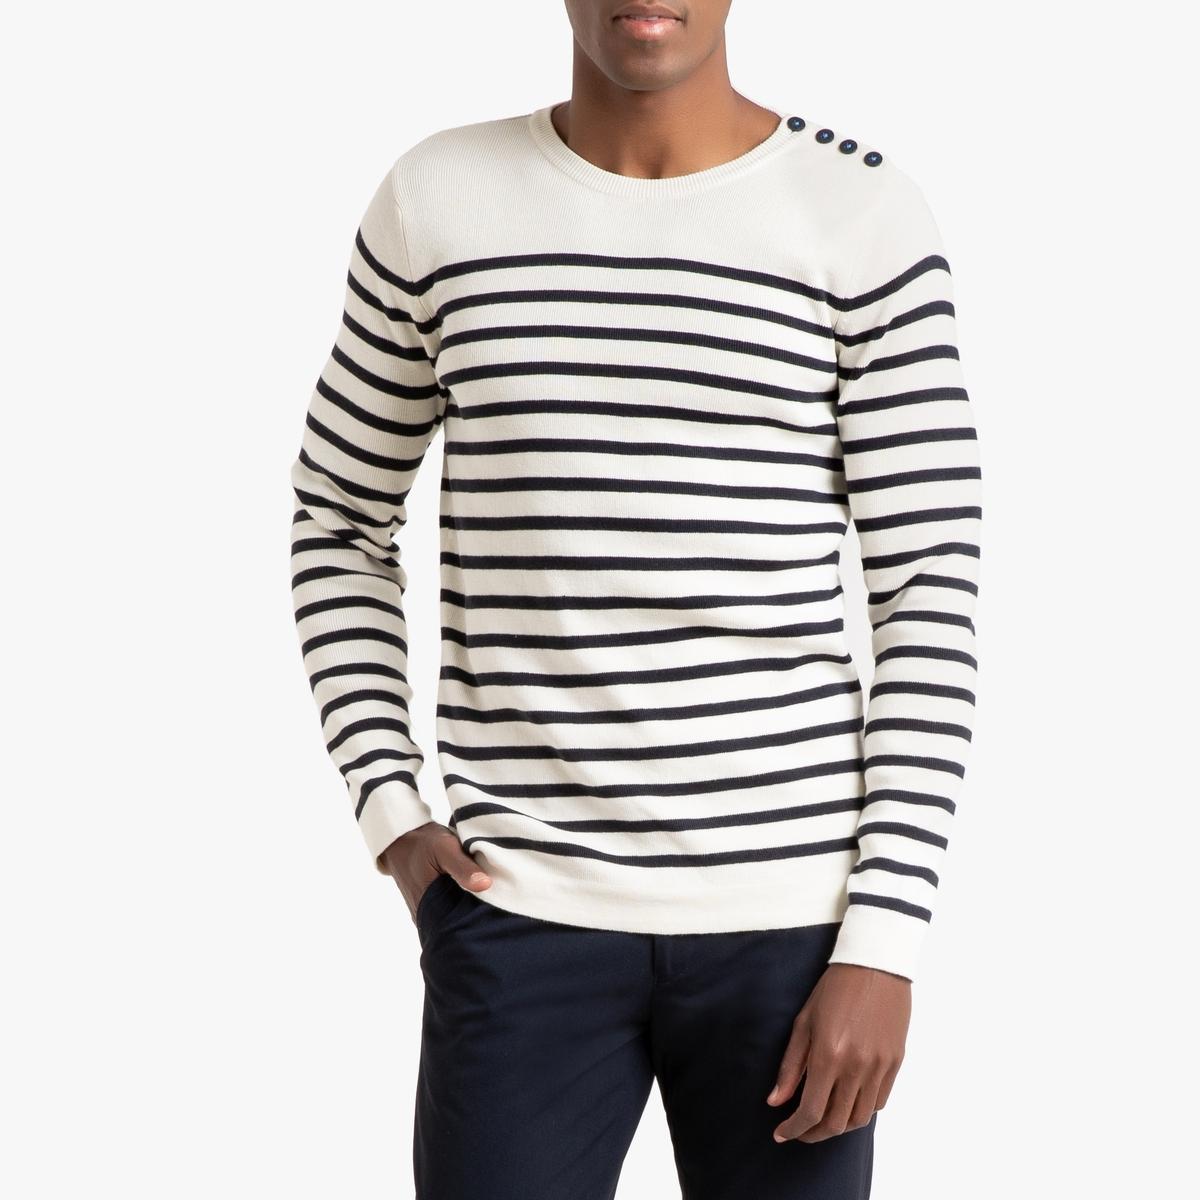 цена Пуловер La Redoute С круглым вырезом в полоску в морском стиле S бежевый онлайн в 2017 году